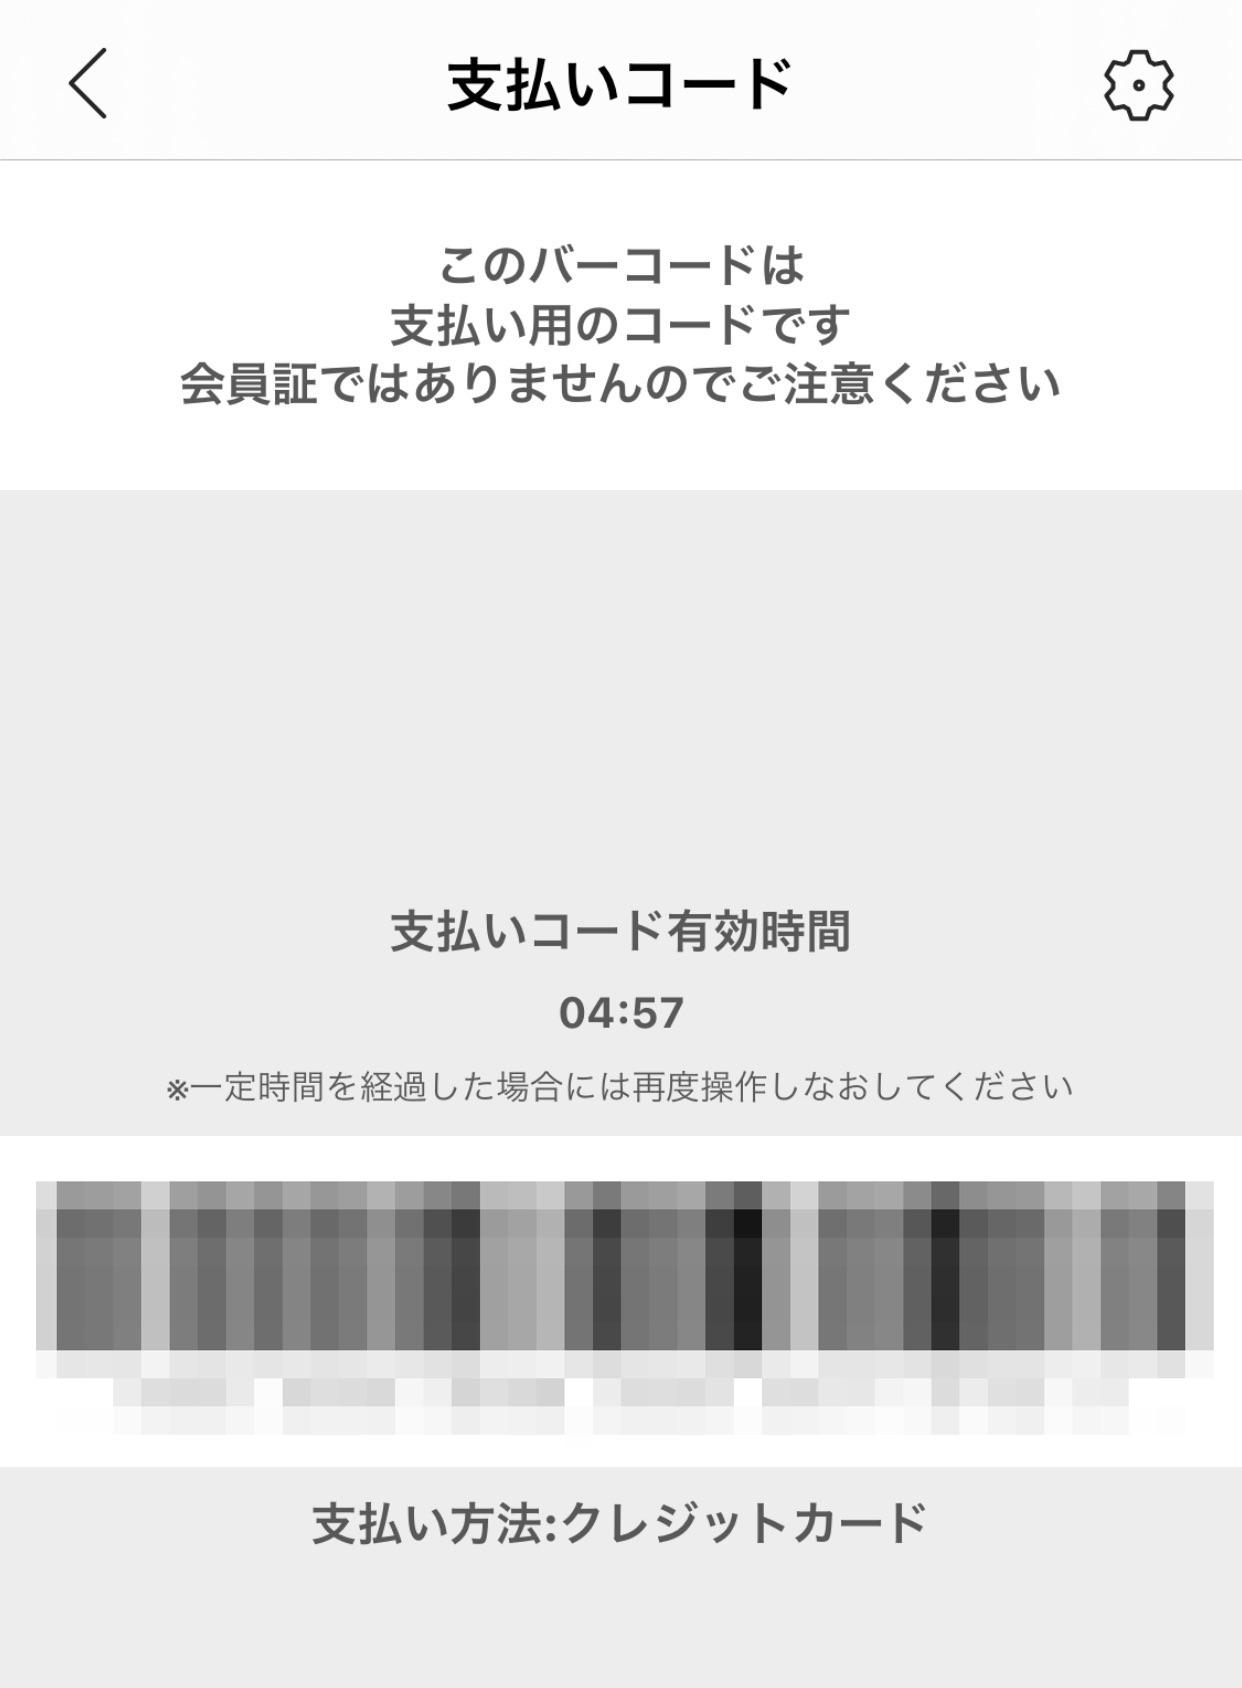 Muji passport 202012 11